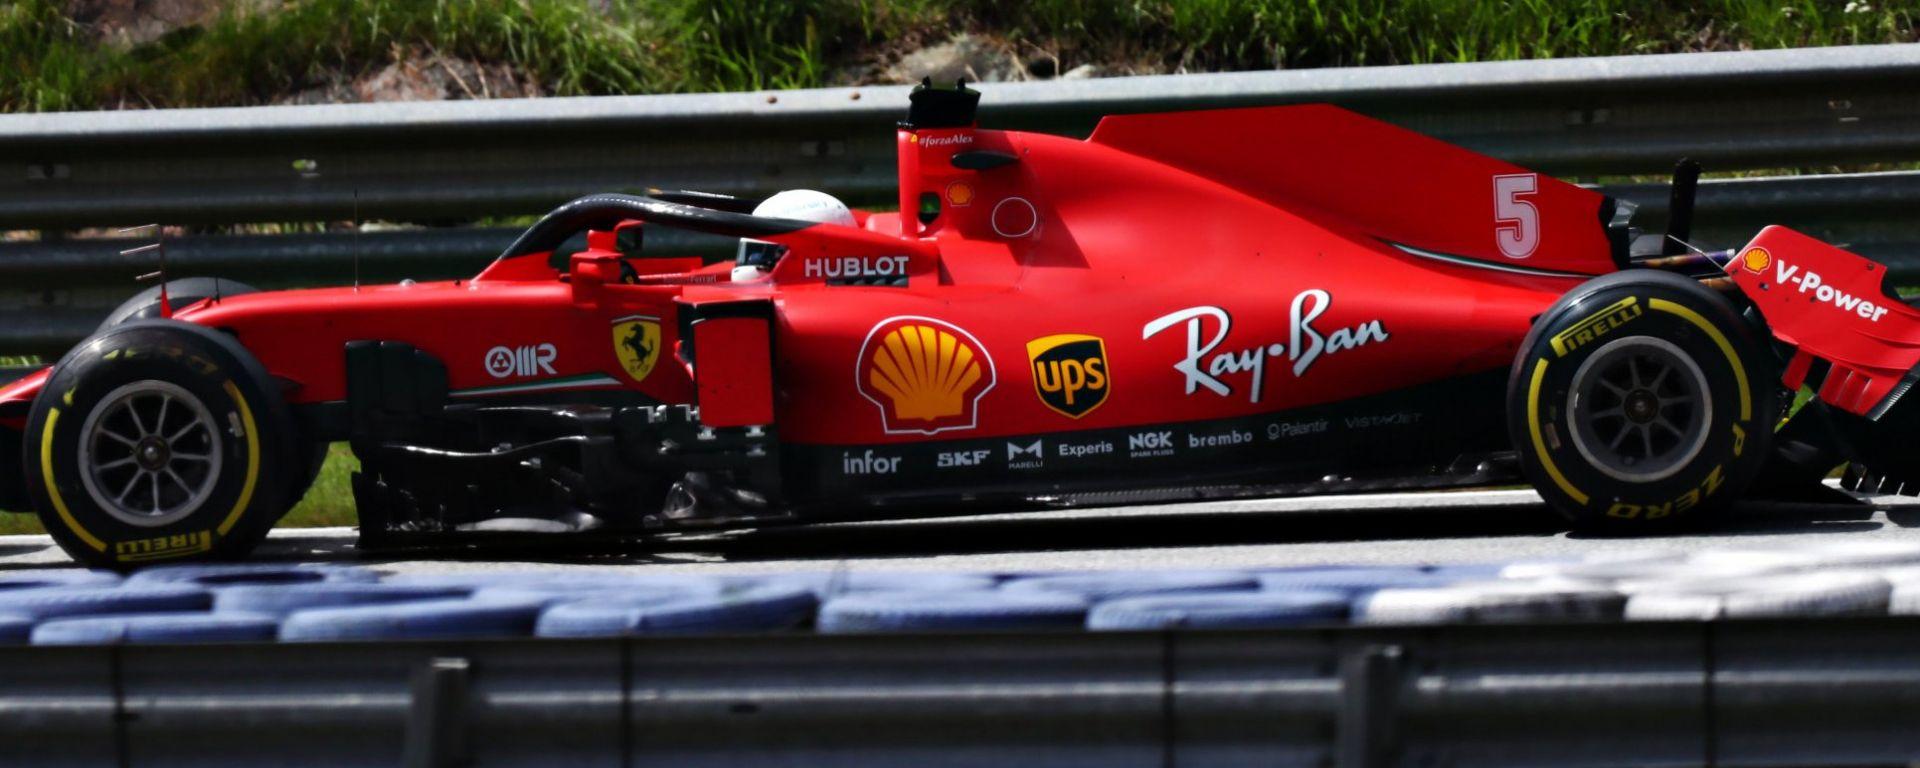 F1 GP Stiria 2020, Spielberg: la Ferrari incidentata di Vettel dopo il contatto con Leclerc